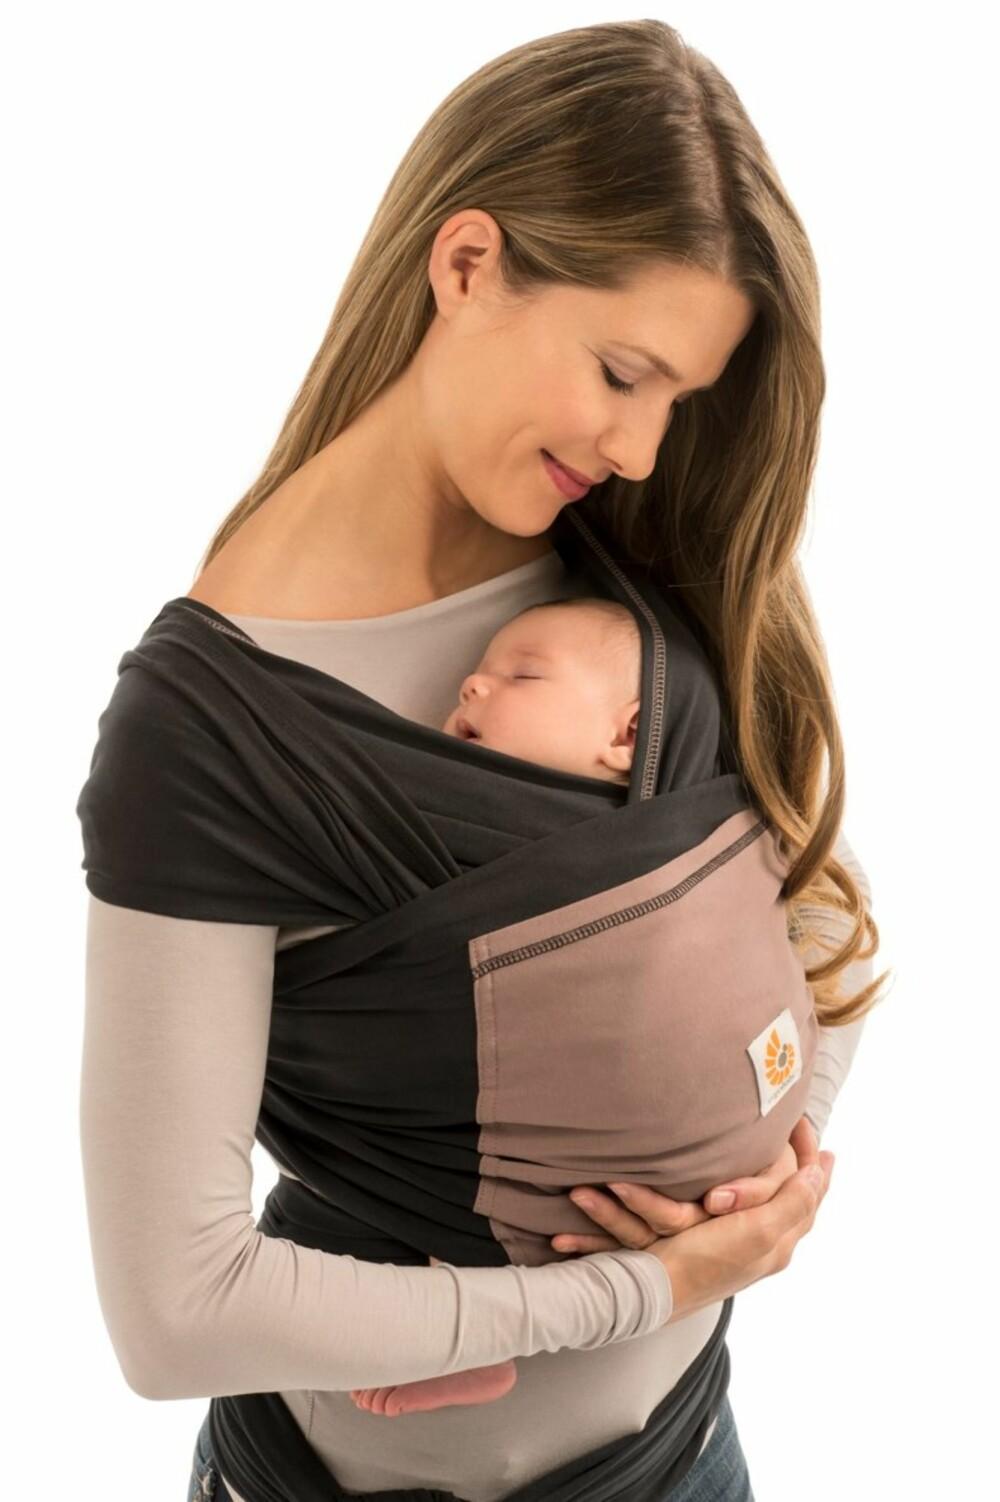 ERGOBABY: Et svært elastisk bæresjal, med en praktisk lomme foran.